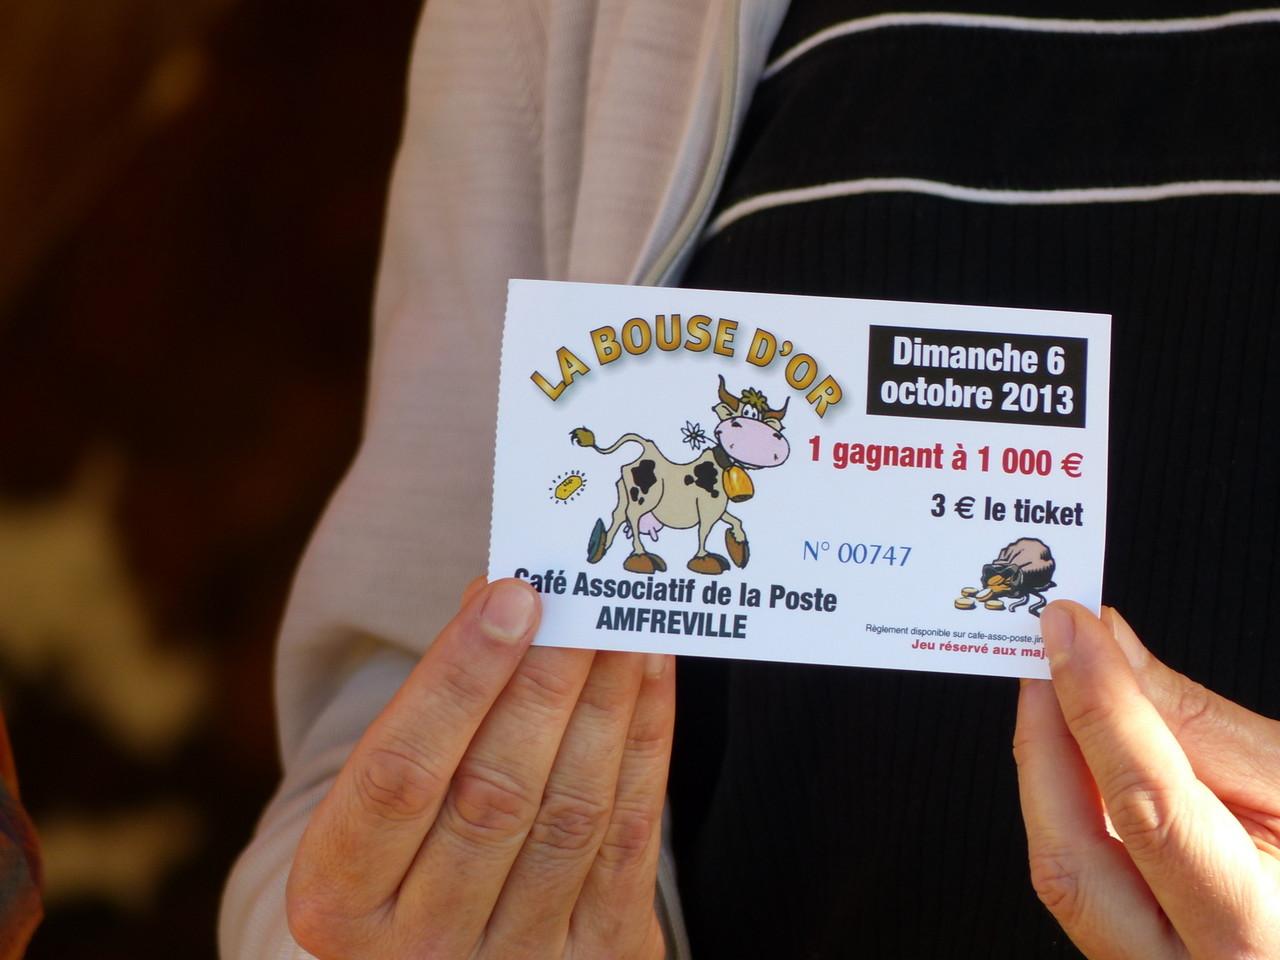 73- La Bouse d'Or - Café associatif de la poste